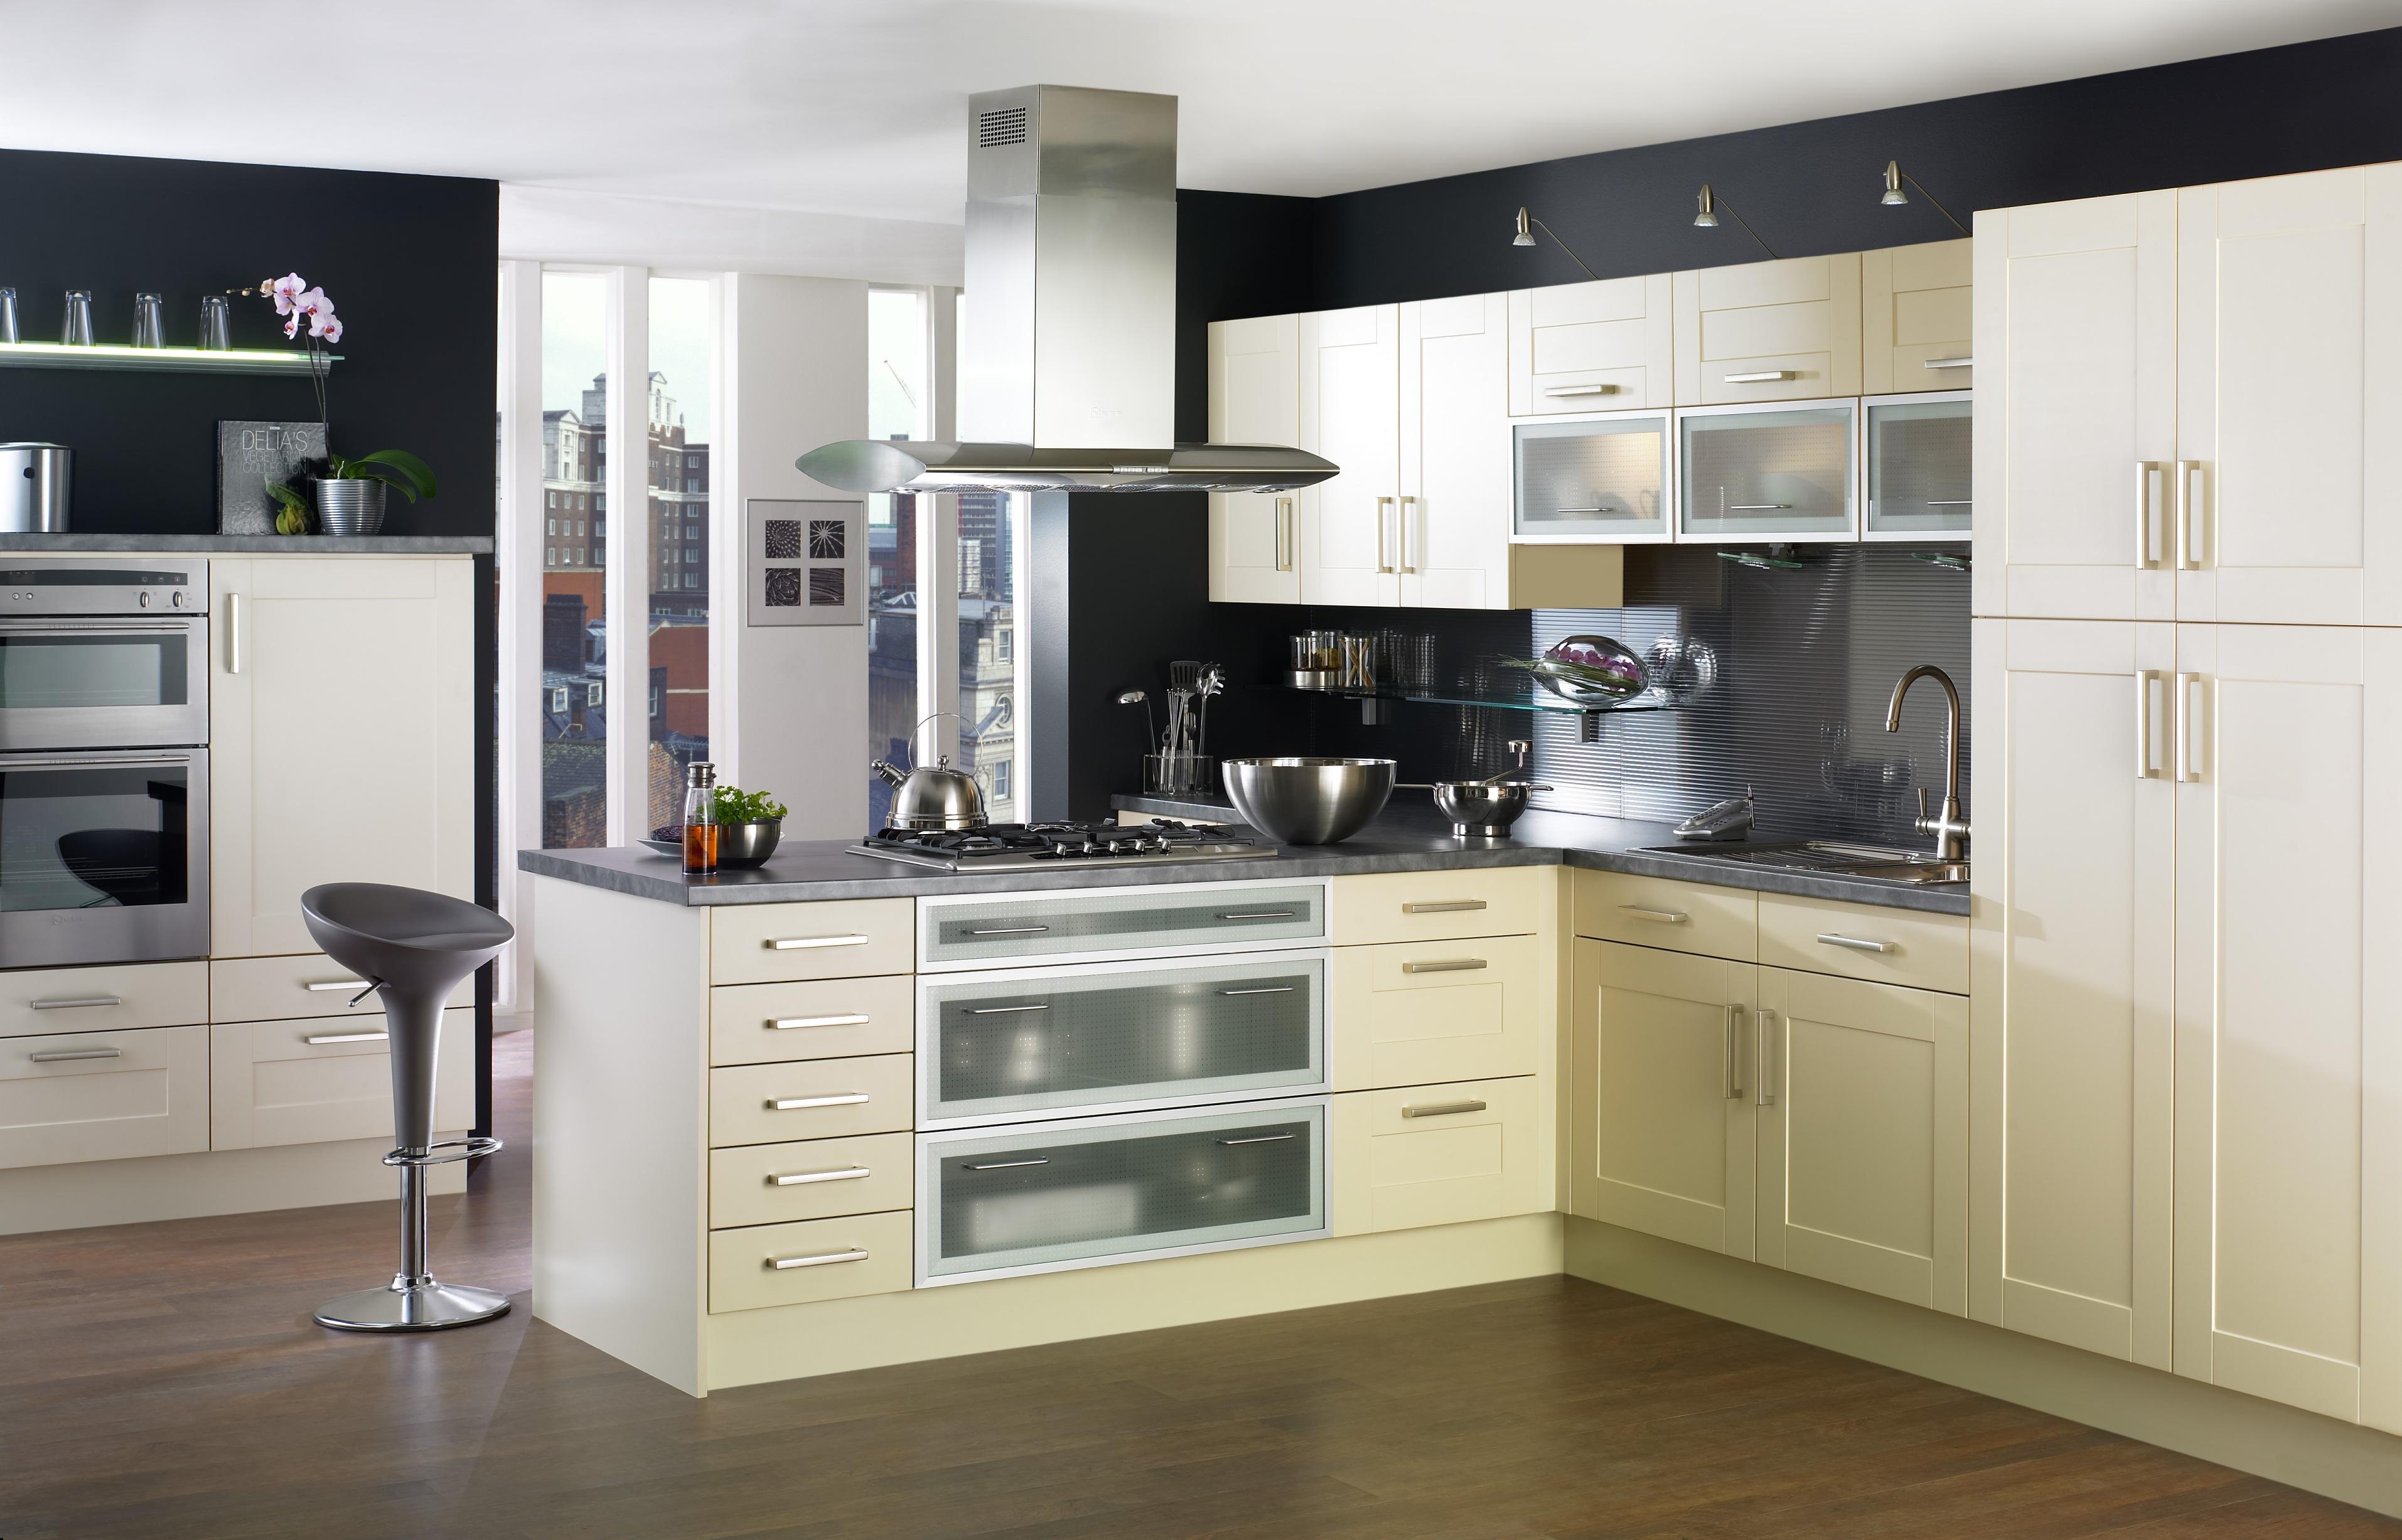 kitchen-design-frugal-modern-kitchen-design-dallas-modern-style-kitchen-images-dallas-kitchen-design-ideas